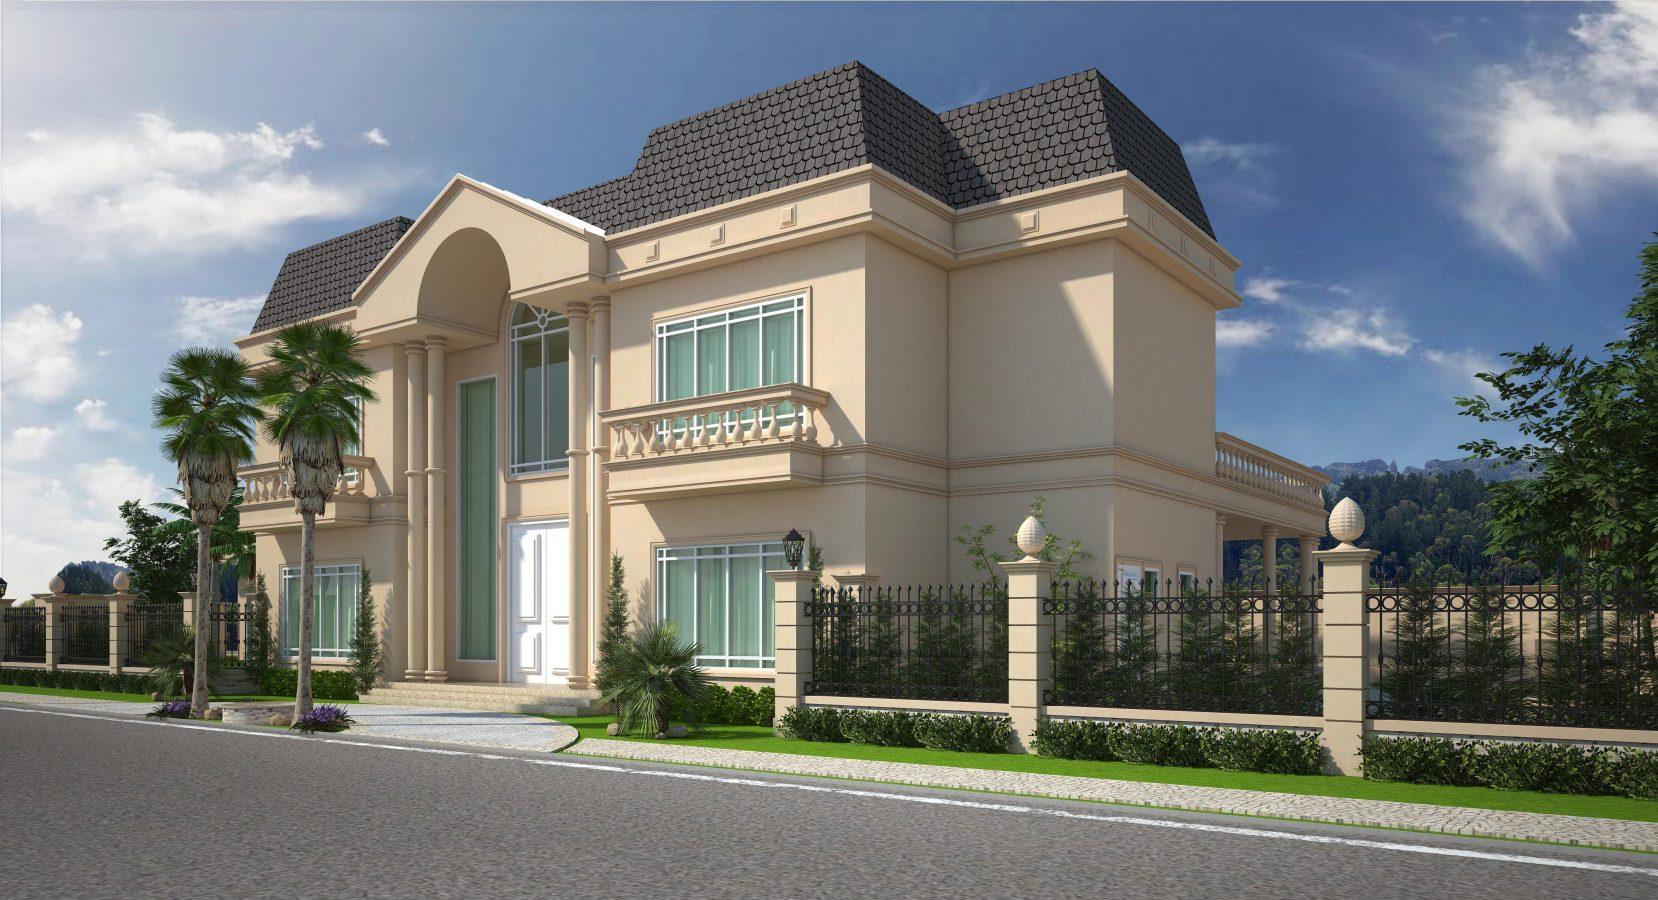 Projeto casa 600m2 esquina arquitetura cl ssica estilo Casa clasica moderna